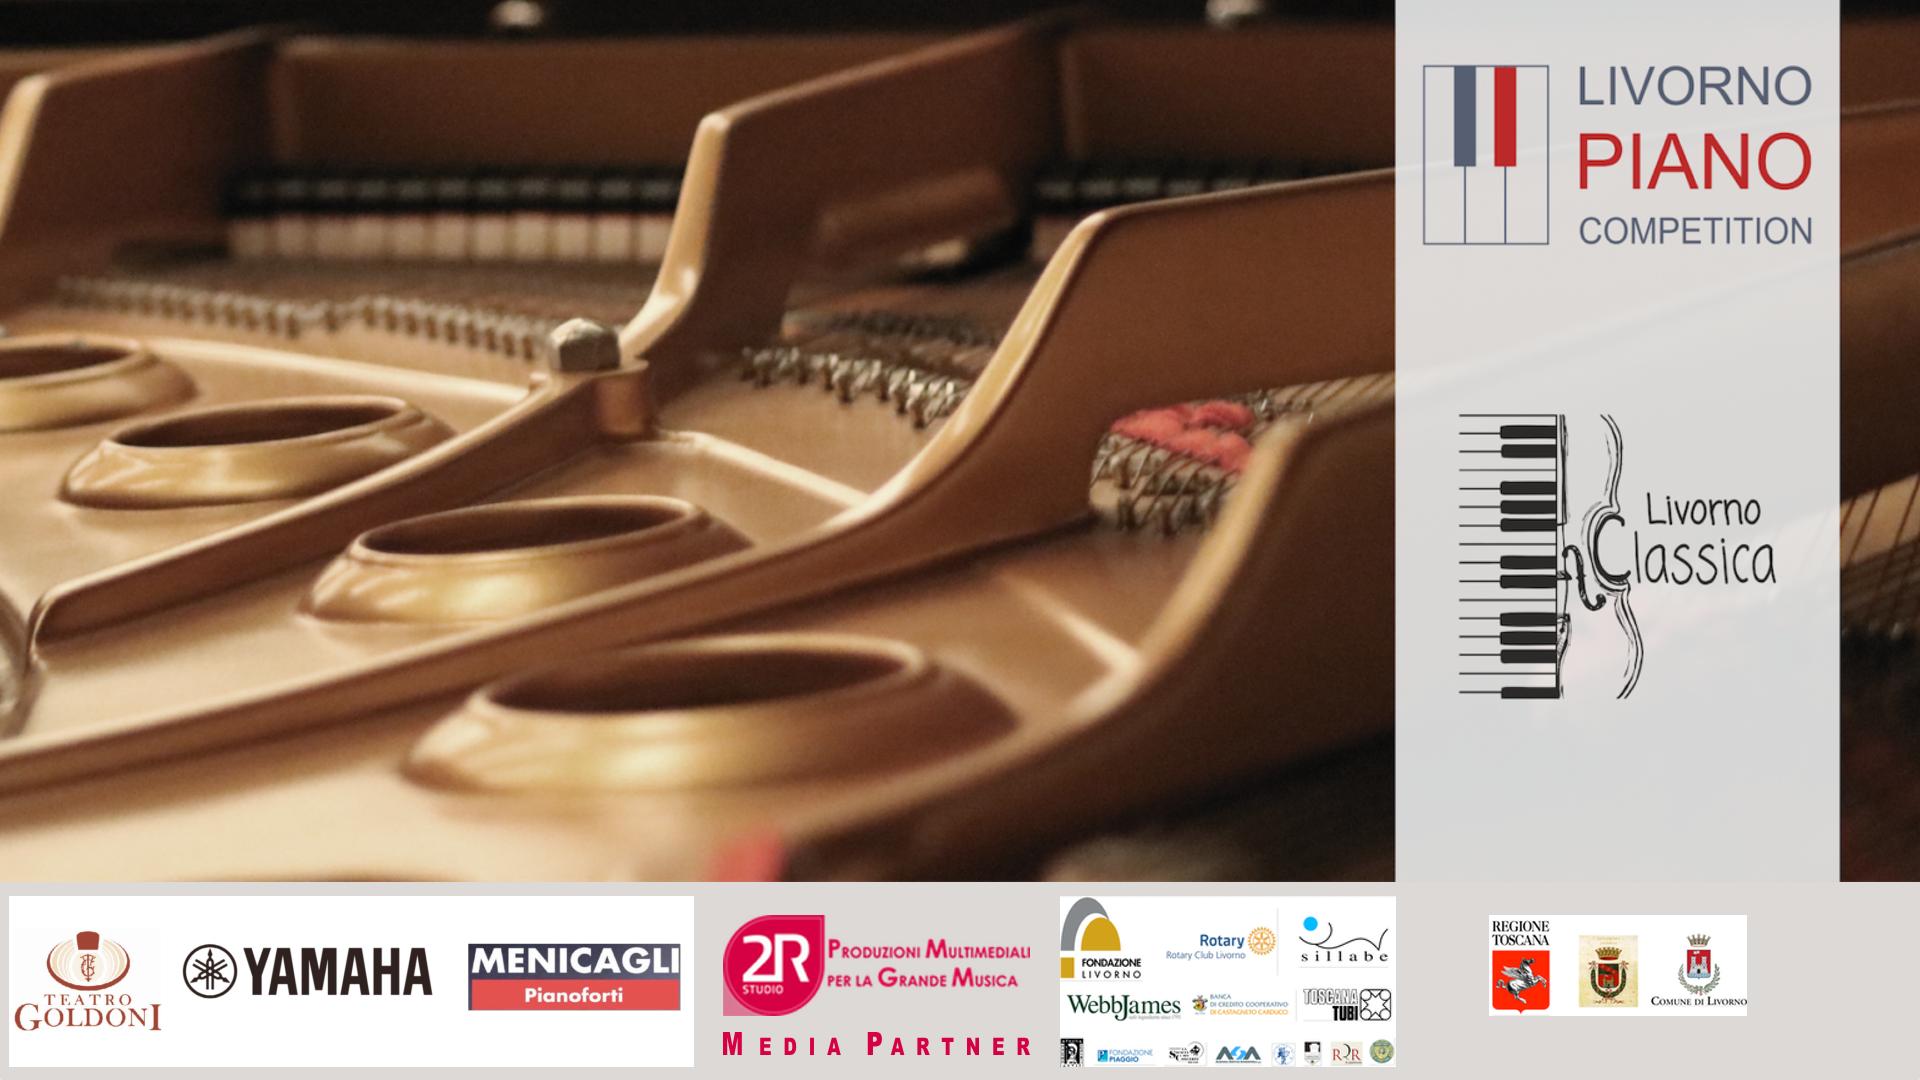 """Livorno Piano Competition - 2R Studio Produzioni Multimediali è media partner al Concorso Internazionale """"Livorno Piano Competition dal 21 al 26 gennaio 2019"""